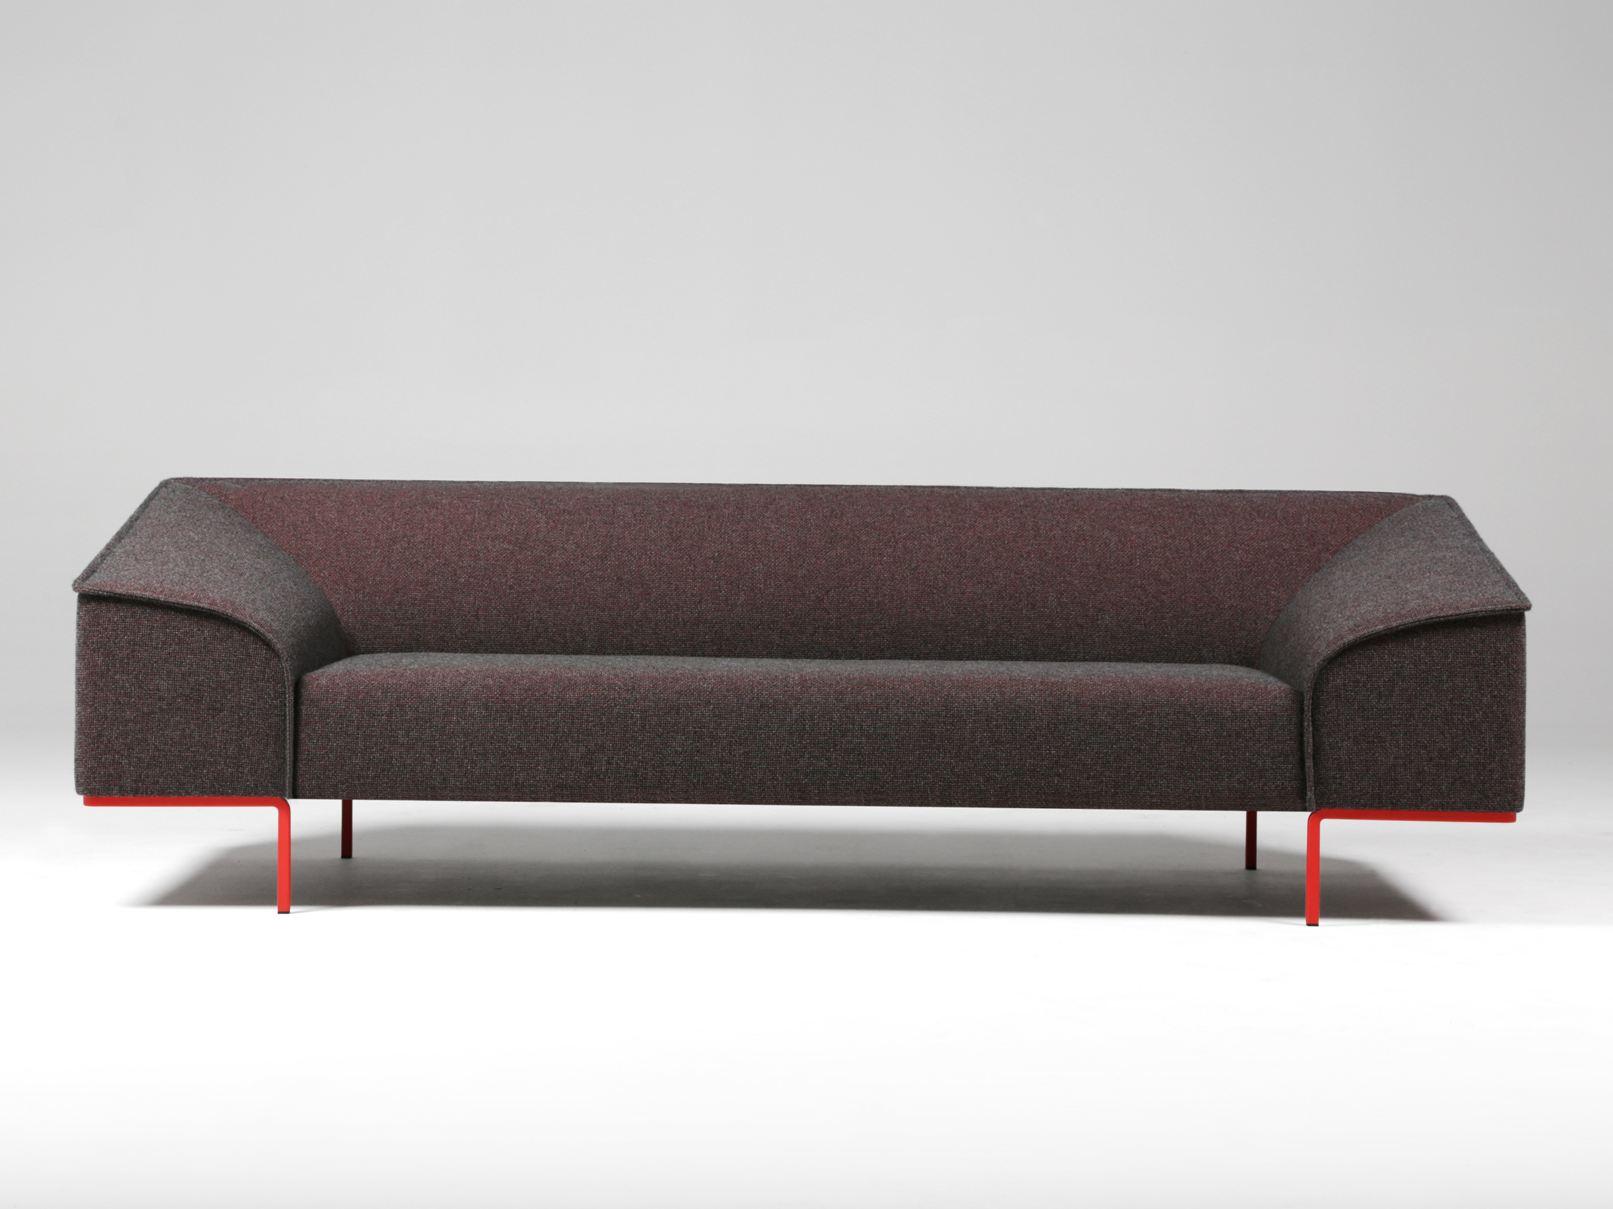 Contour Sofa by Böttcher+Henssler for Prostoria